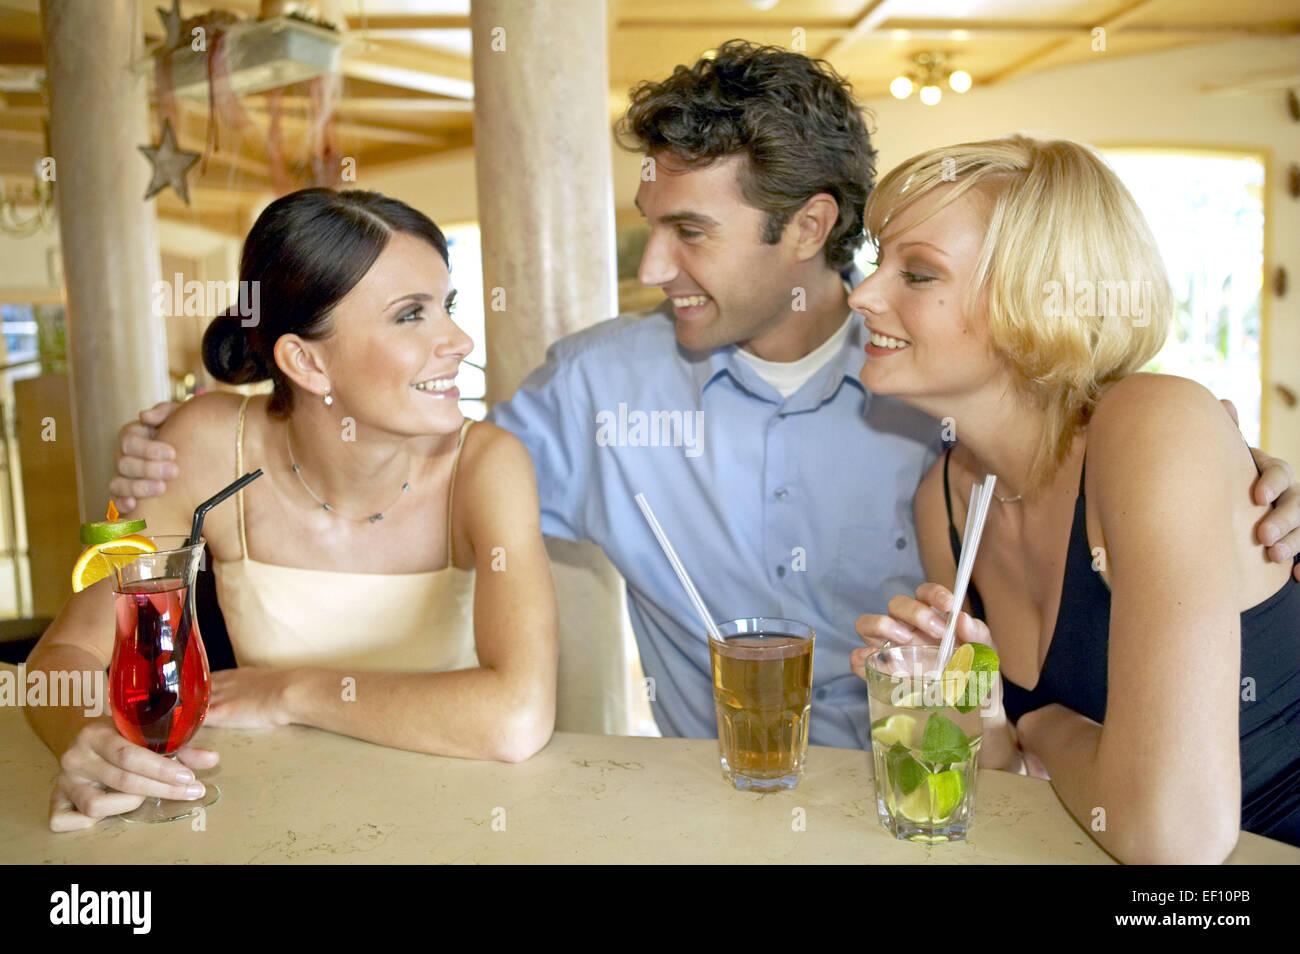 Mann berührt frau flirt Die Körpersprache des Mannes: So deutest du sie •